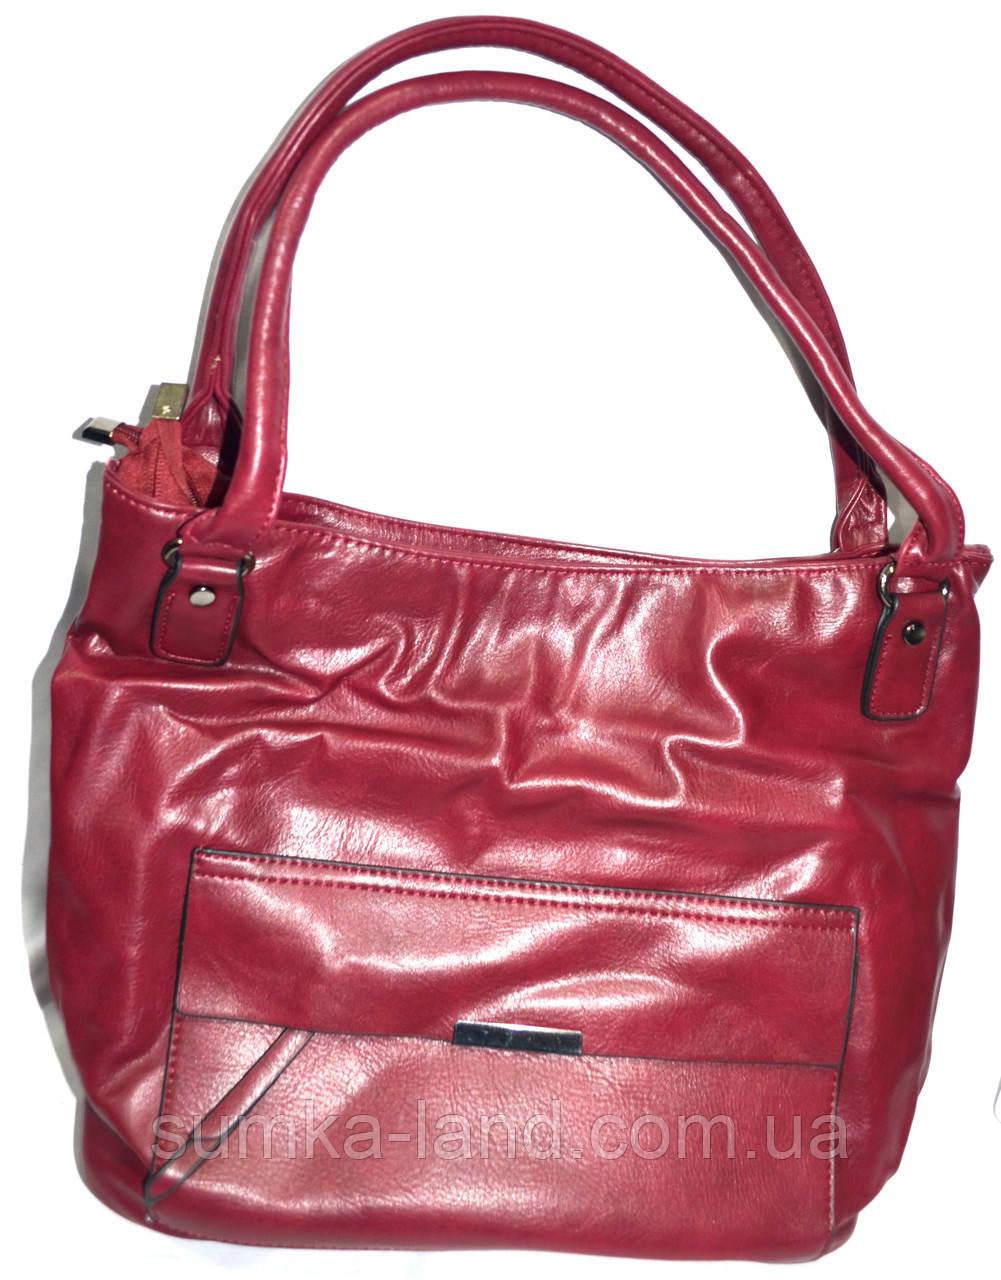 Женская бордовая сумка из искусственной кожи на 2 отделения 32*30 см